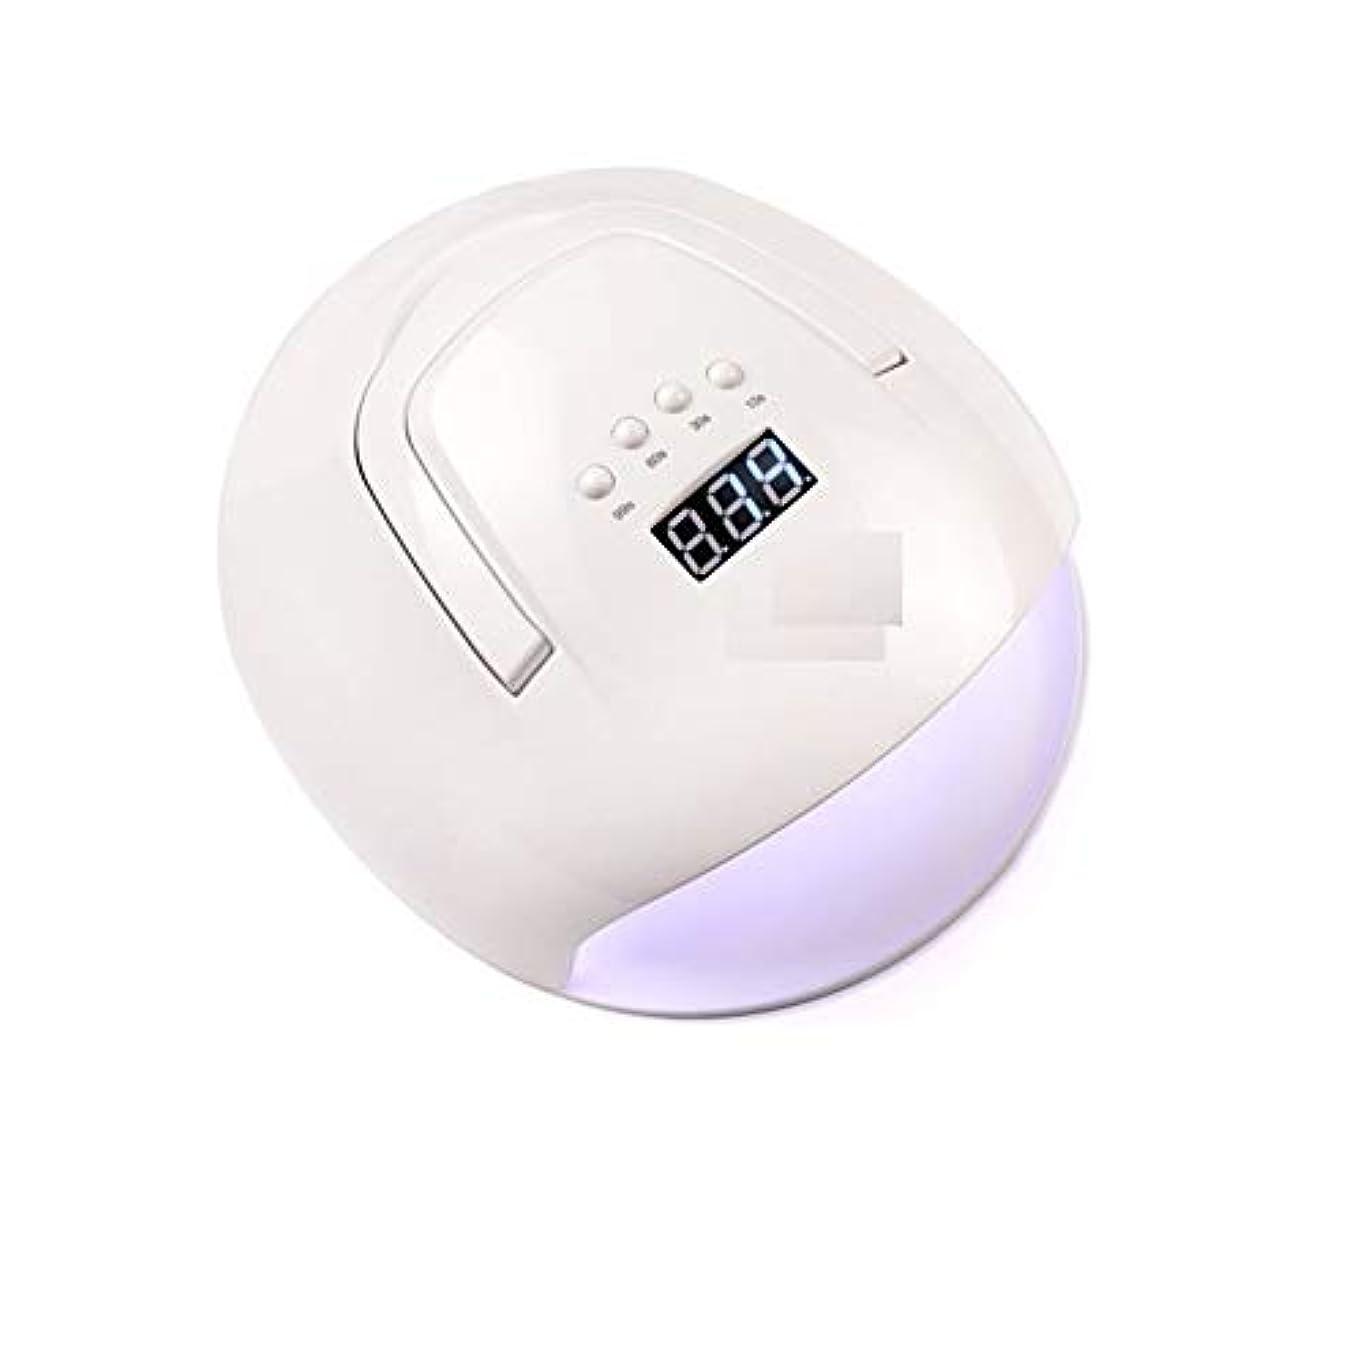 天才よろめく忙しいLittleCat 機械光線療法ポータブルLEDランプ108W赤外線センサーポーランドプラスチック熱ランプドライヤーネイル (色 : European standard circular plug)